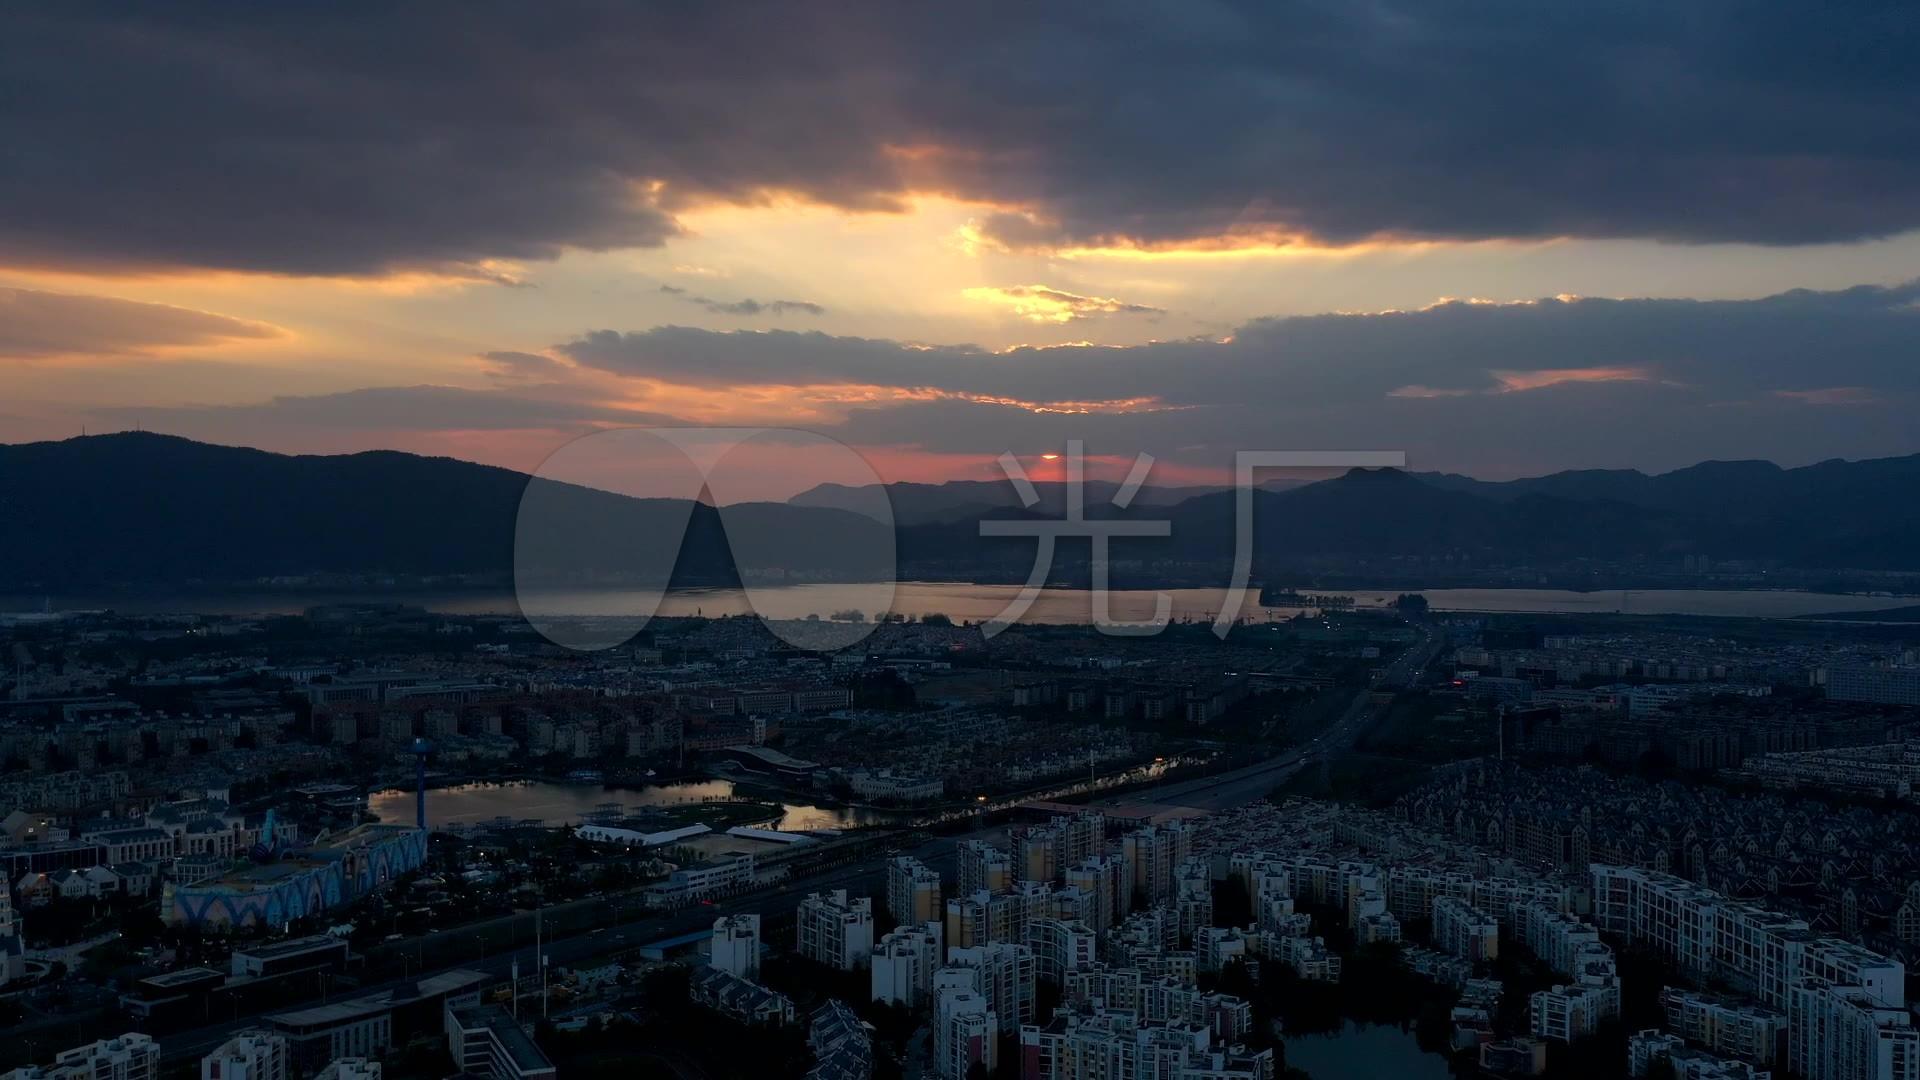 昆明高清v高清延时_1920X1080_视频素材夕阳eas视频图片